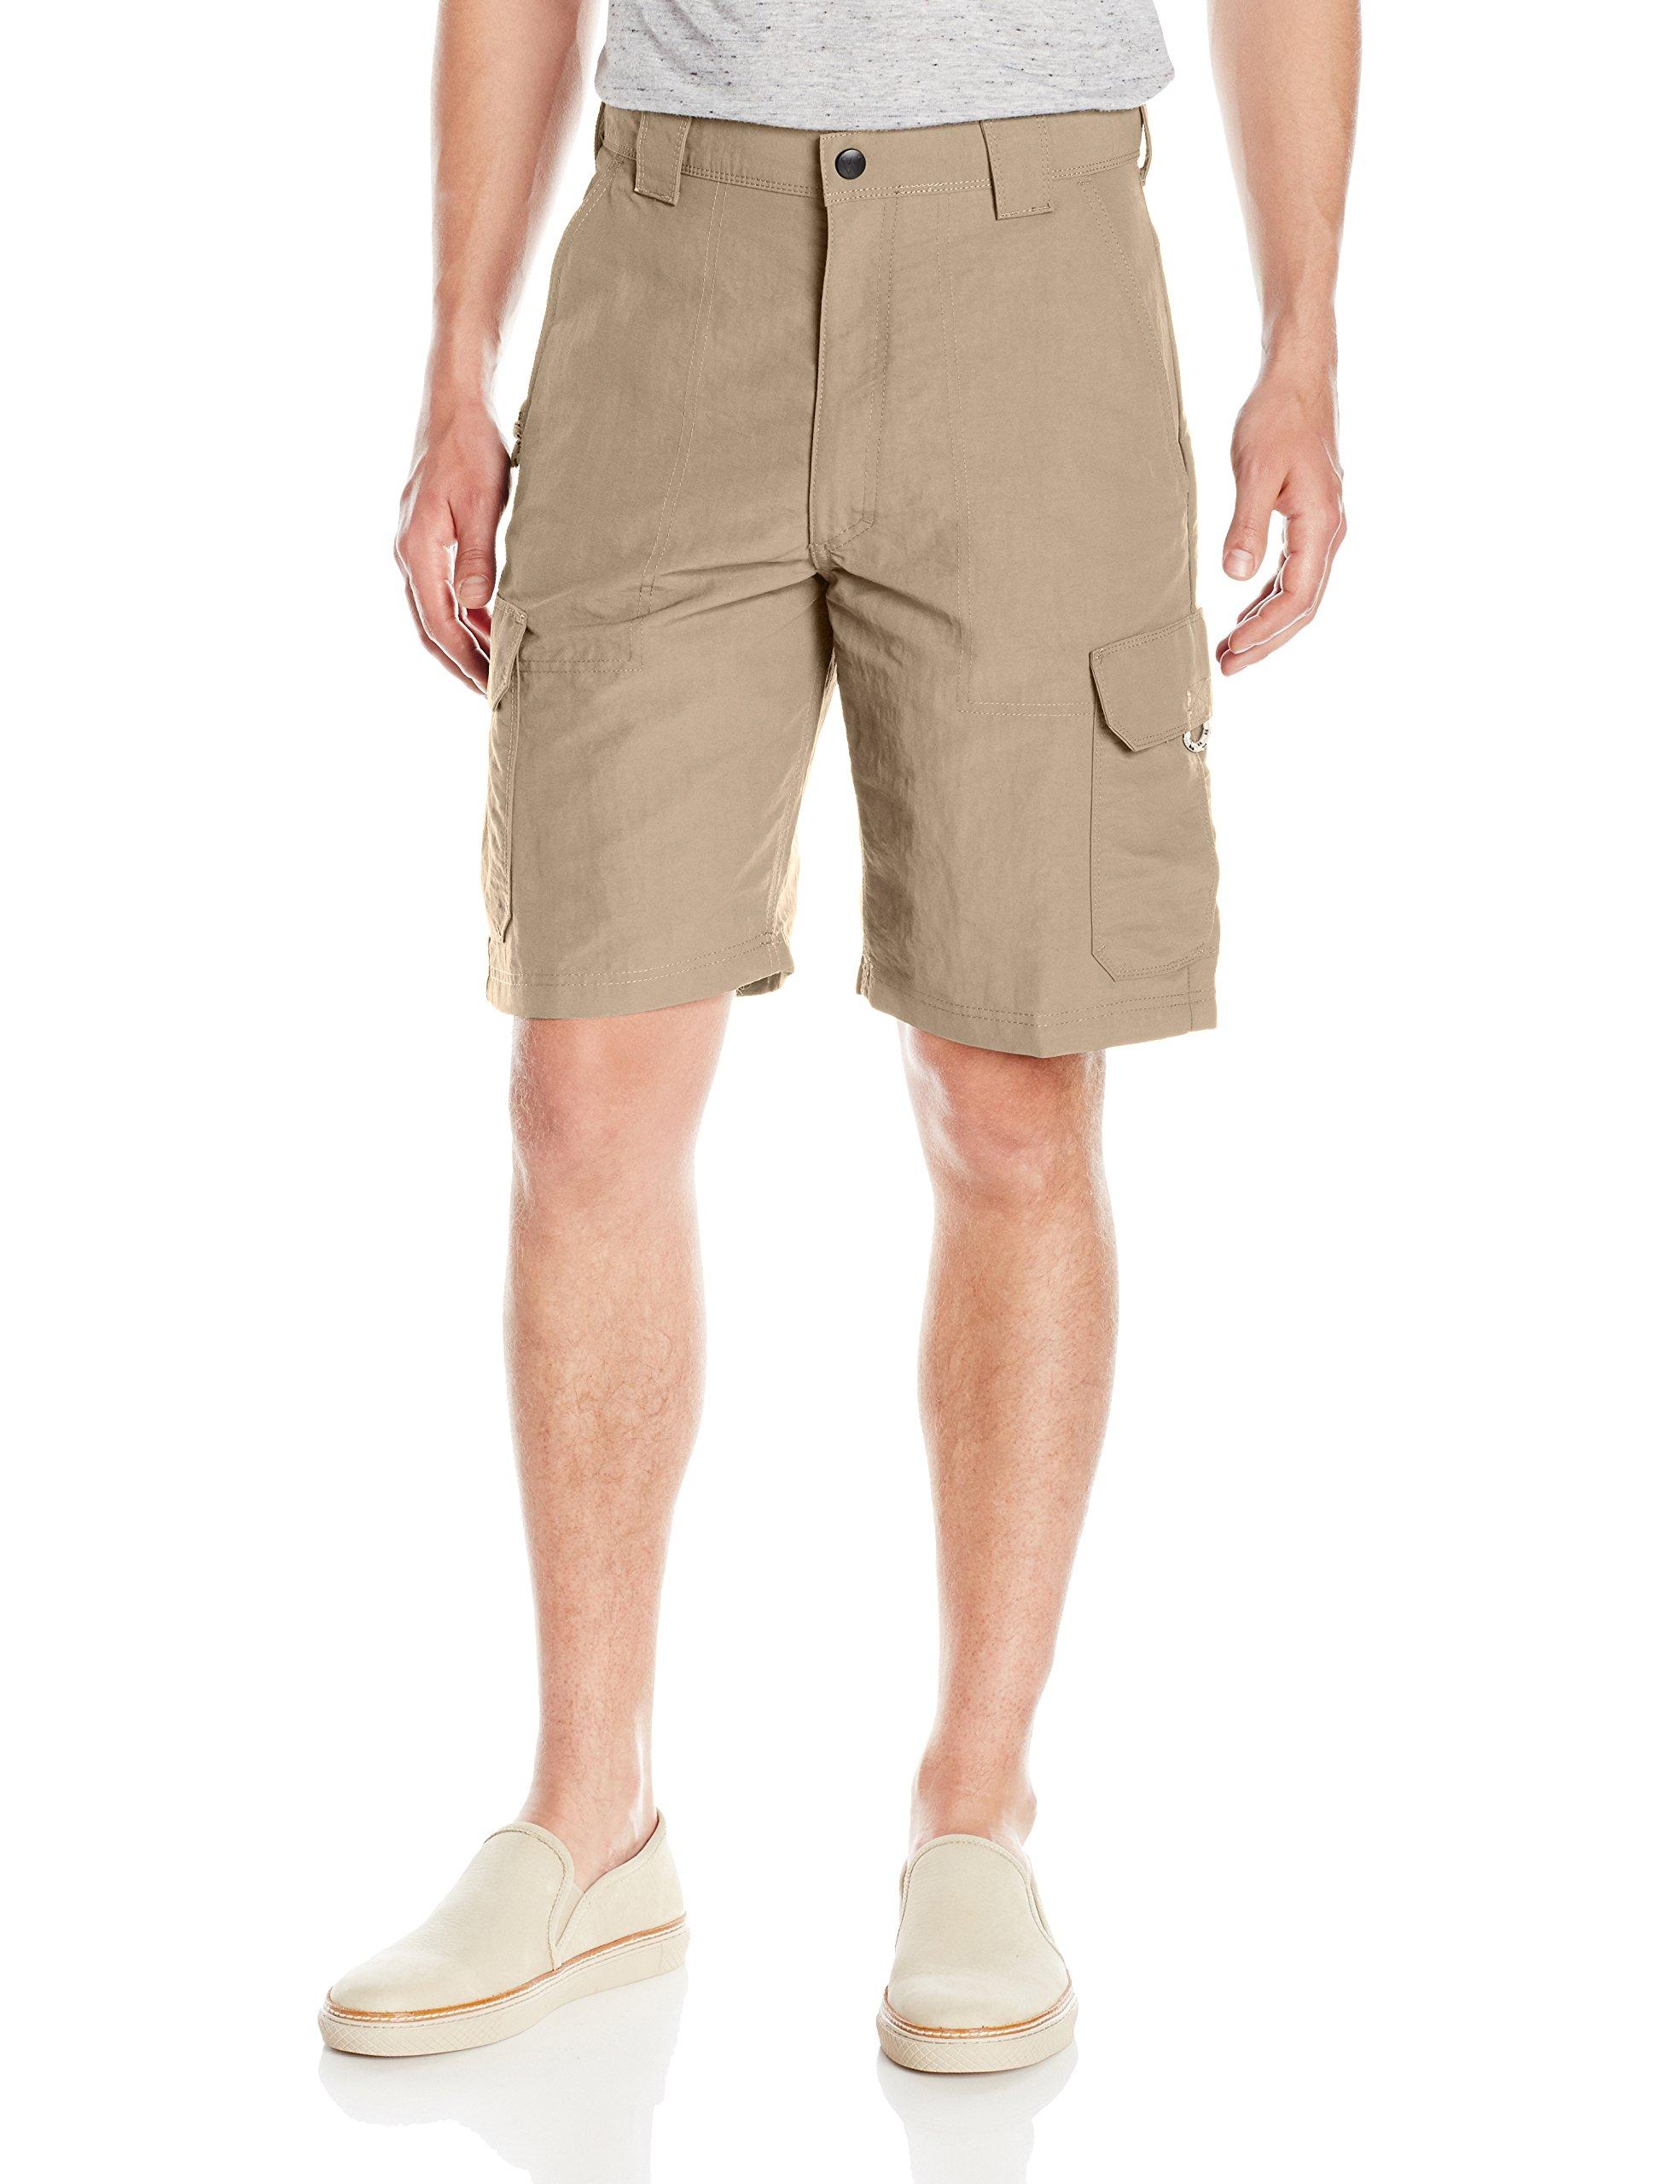 Wrangler Men's Authentics Outdoor Nylon Cargo Short, Desert Sand, 34